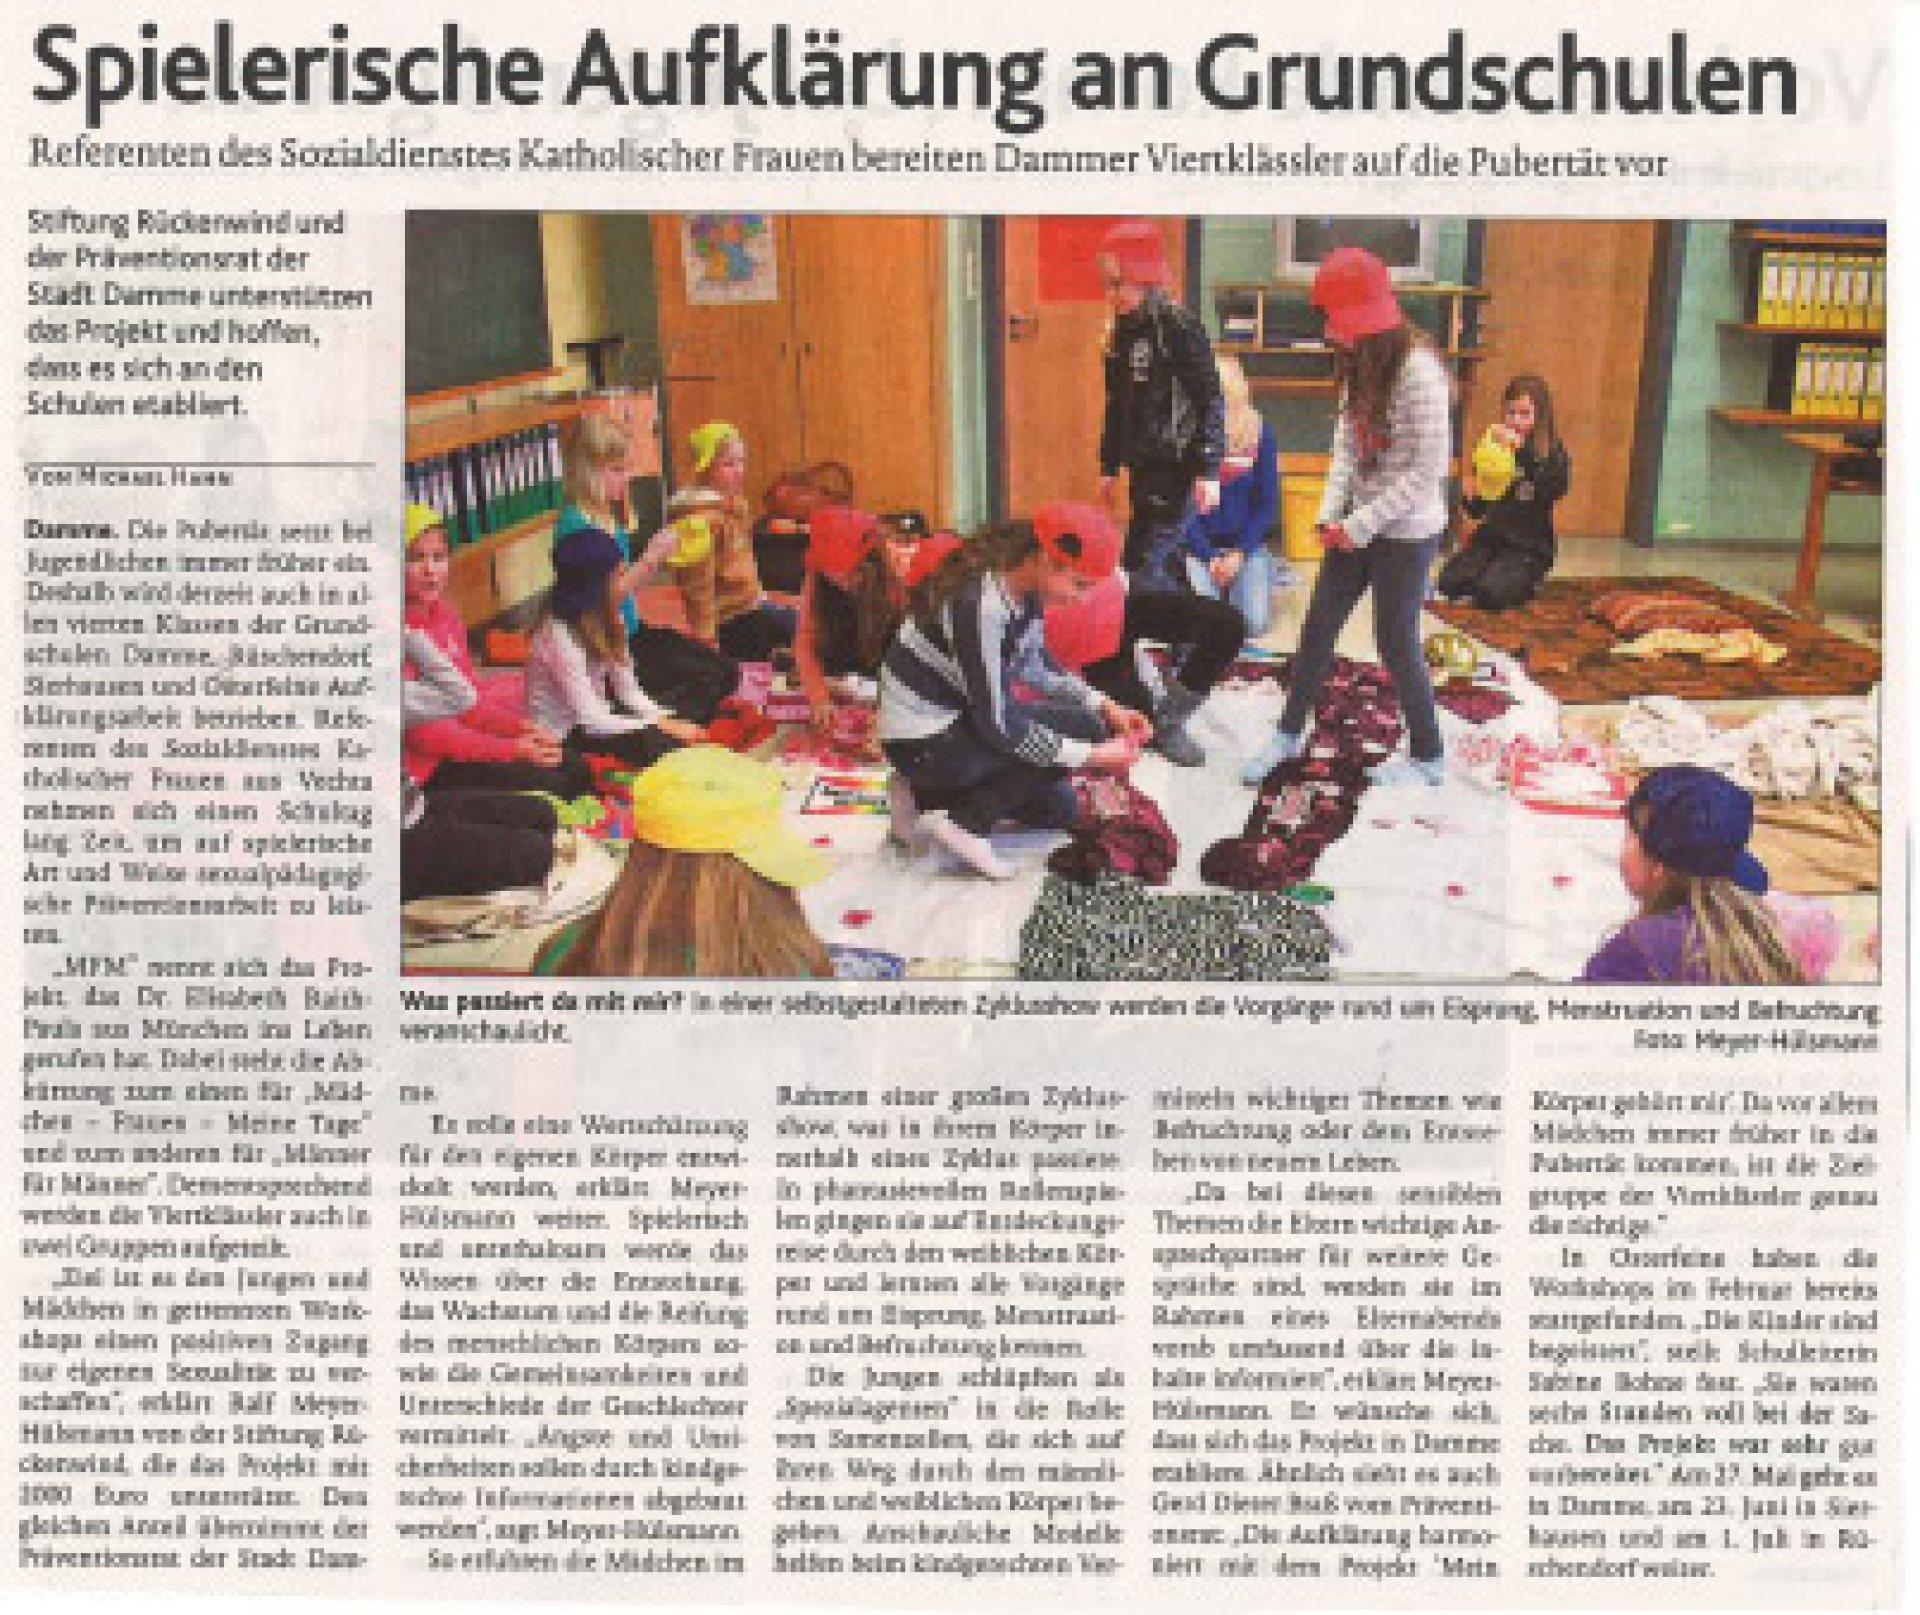 Oldenburgische Volkszeitung: Spielerische Aufklärung - MFM ...  Oldenburgische ...